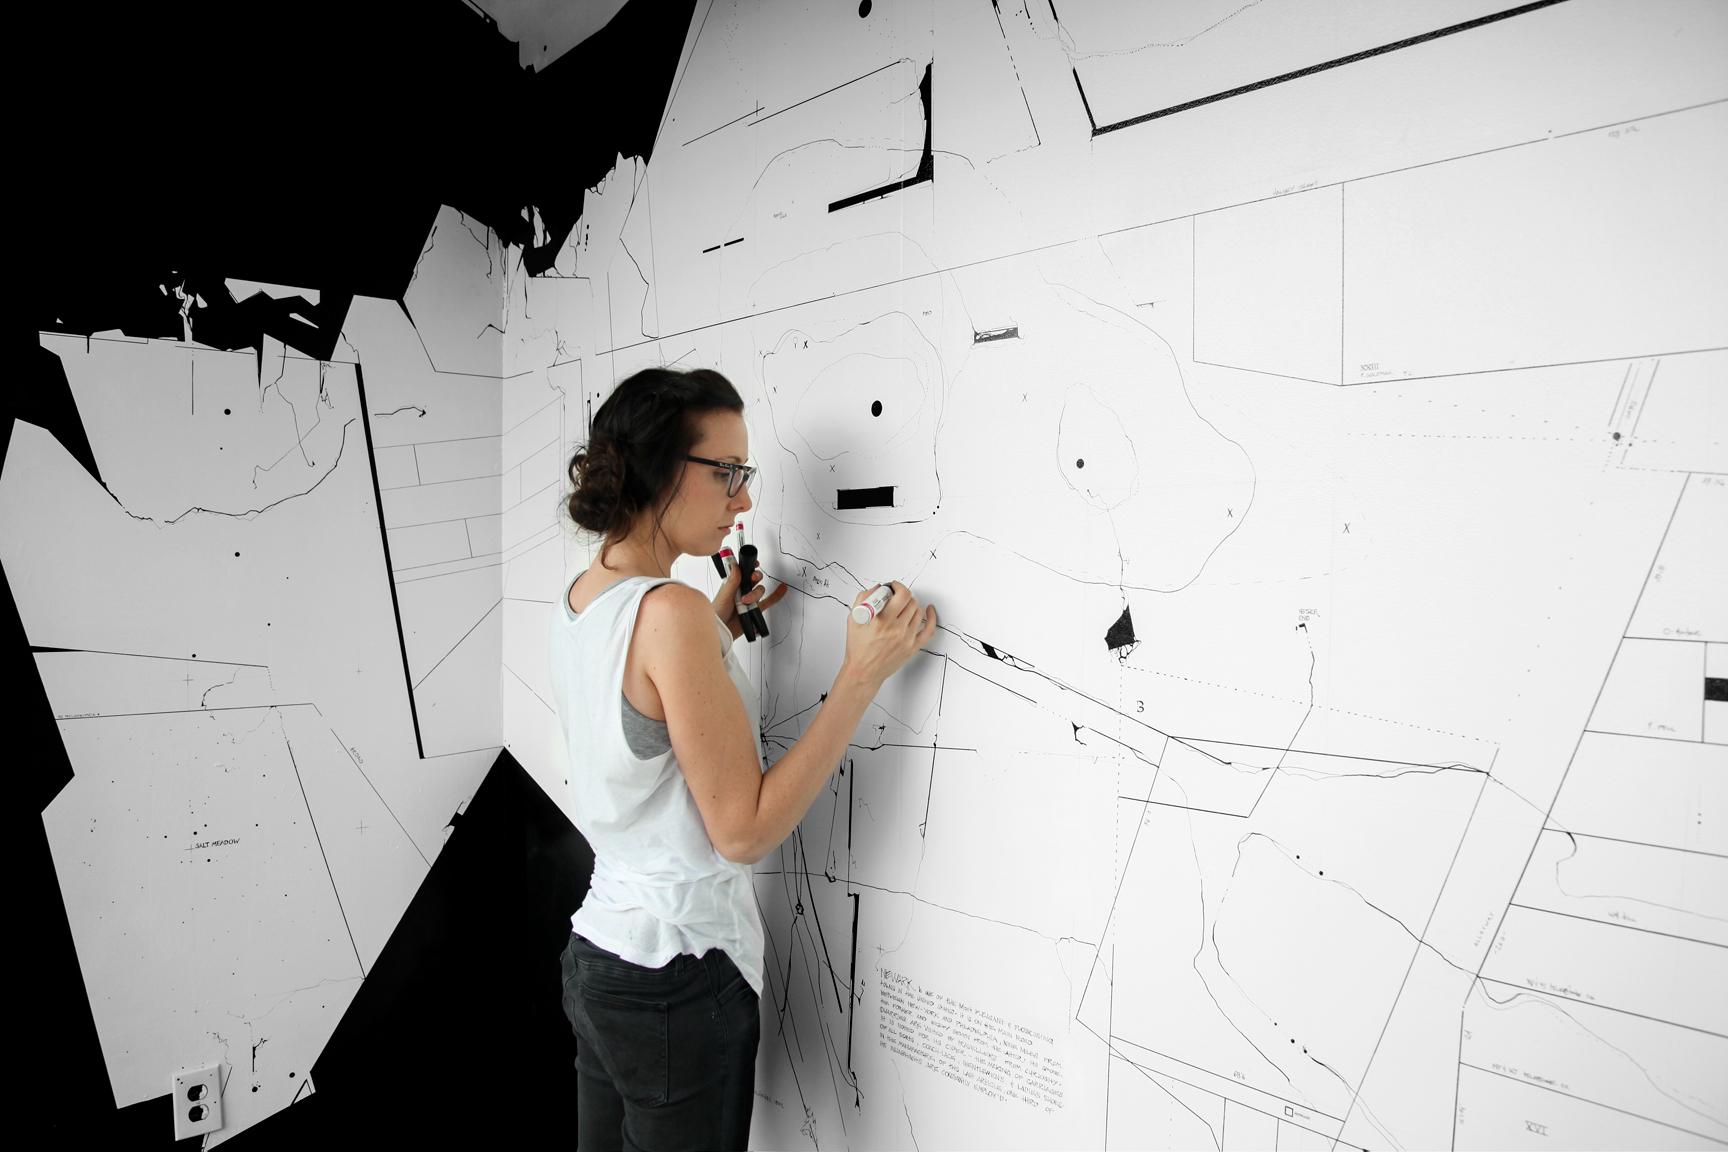 Margaret-Inga_Wiatrowski_Wall-Drawing